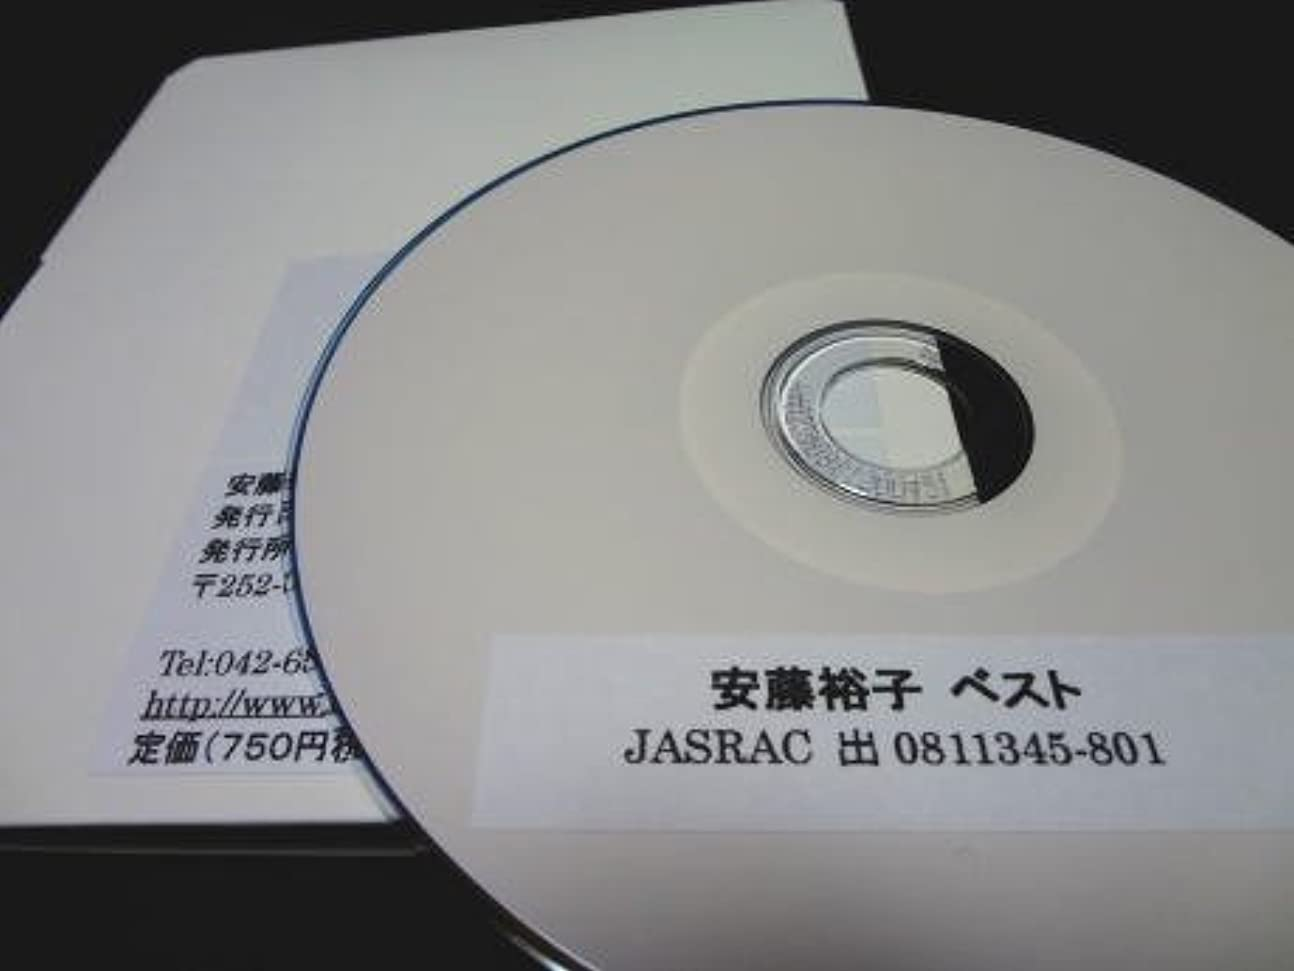 トークン栄光の餌ギターコード譜シリーズ(CD-R版)/安藤裕子 ベスト(全35曲収録)